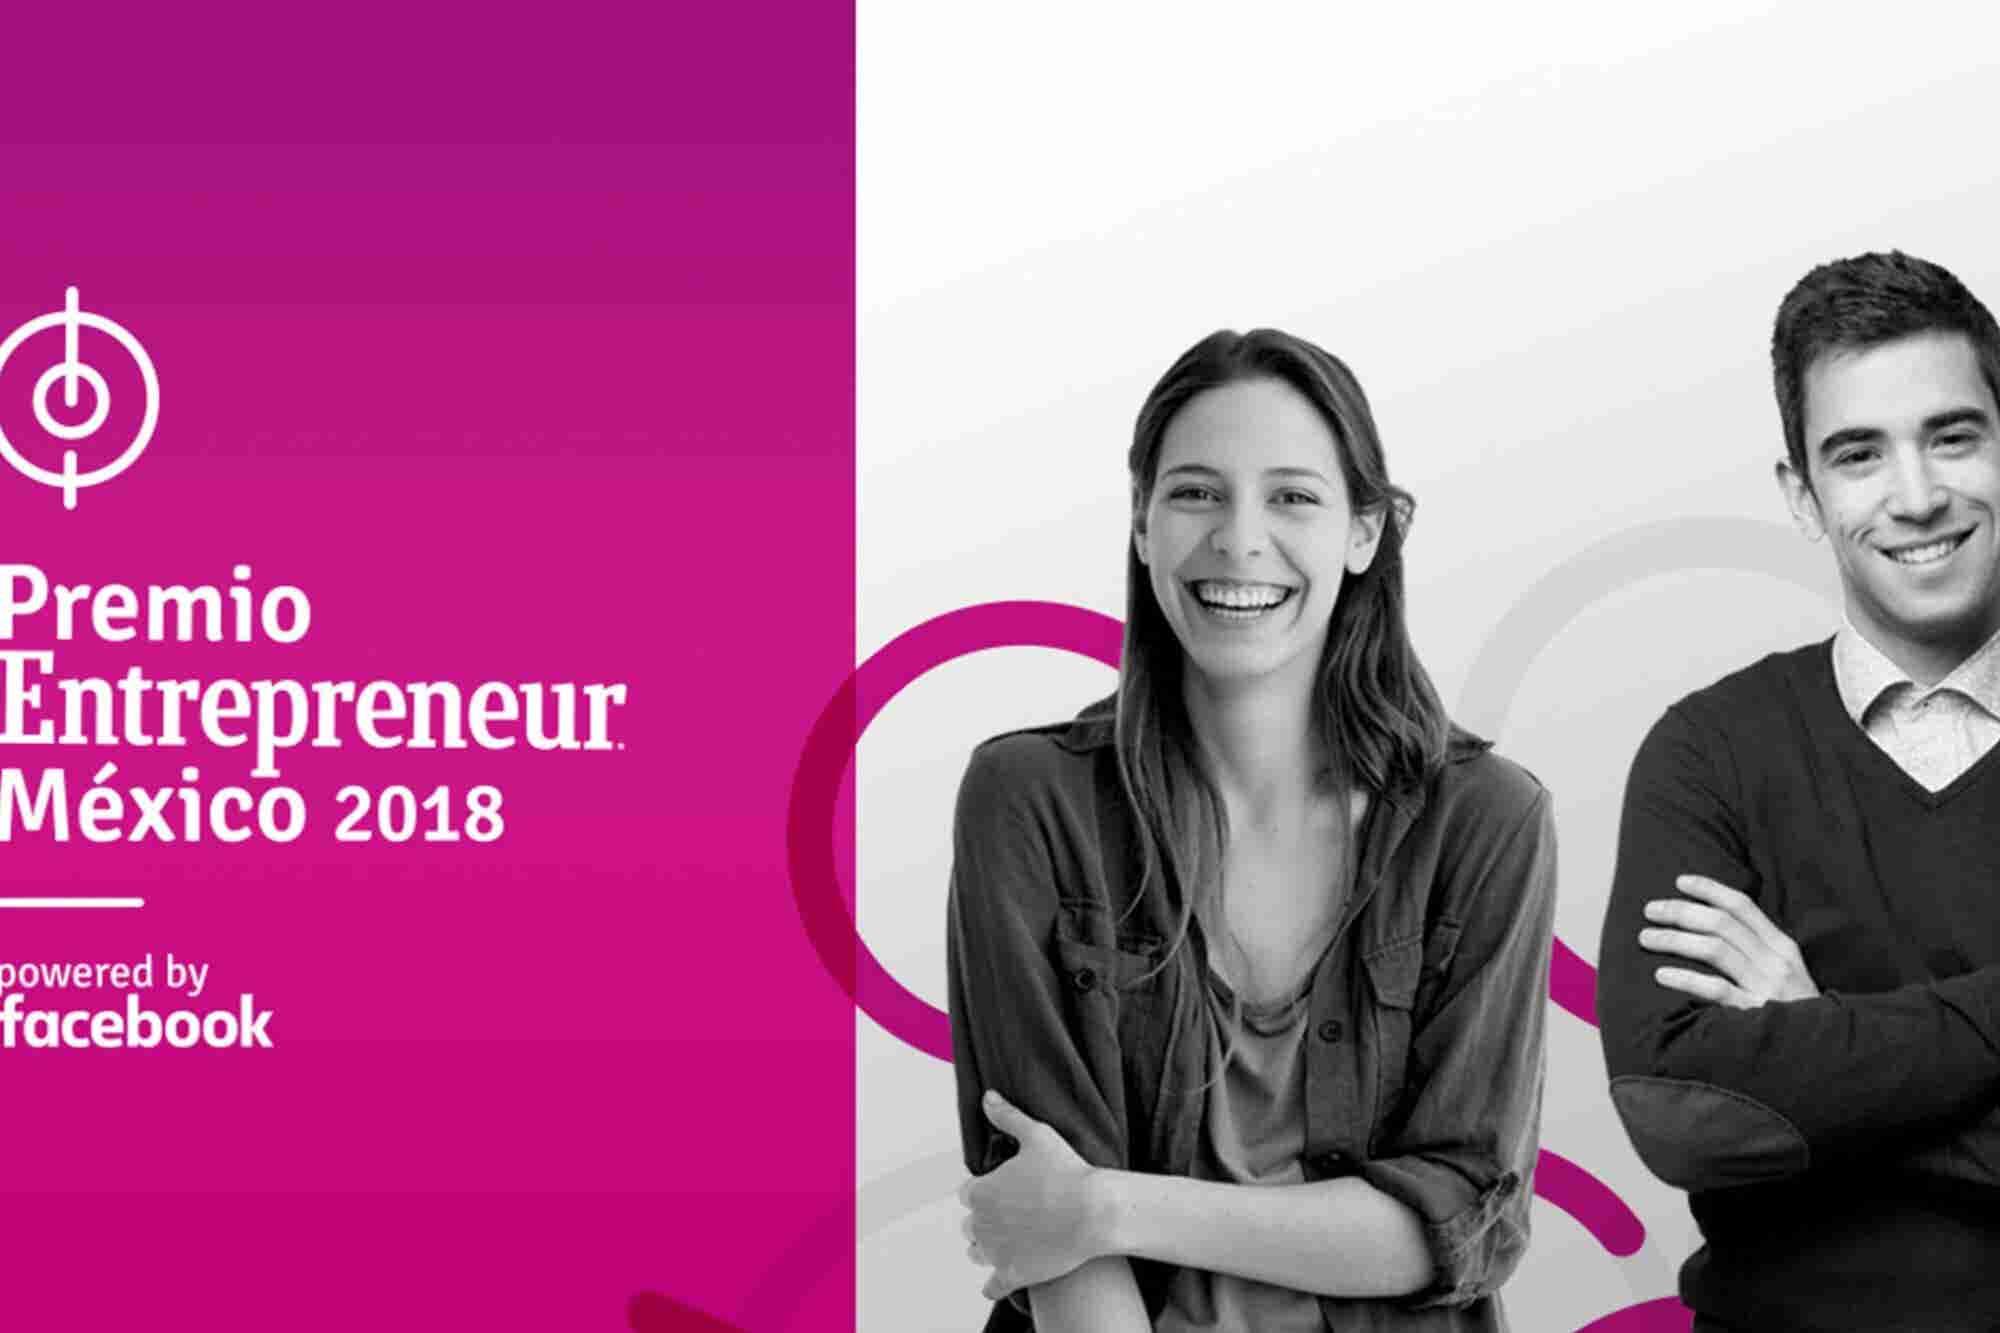 Conoce a los 10 finalistas del Premio Entrepreneur México 2018